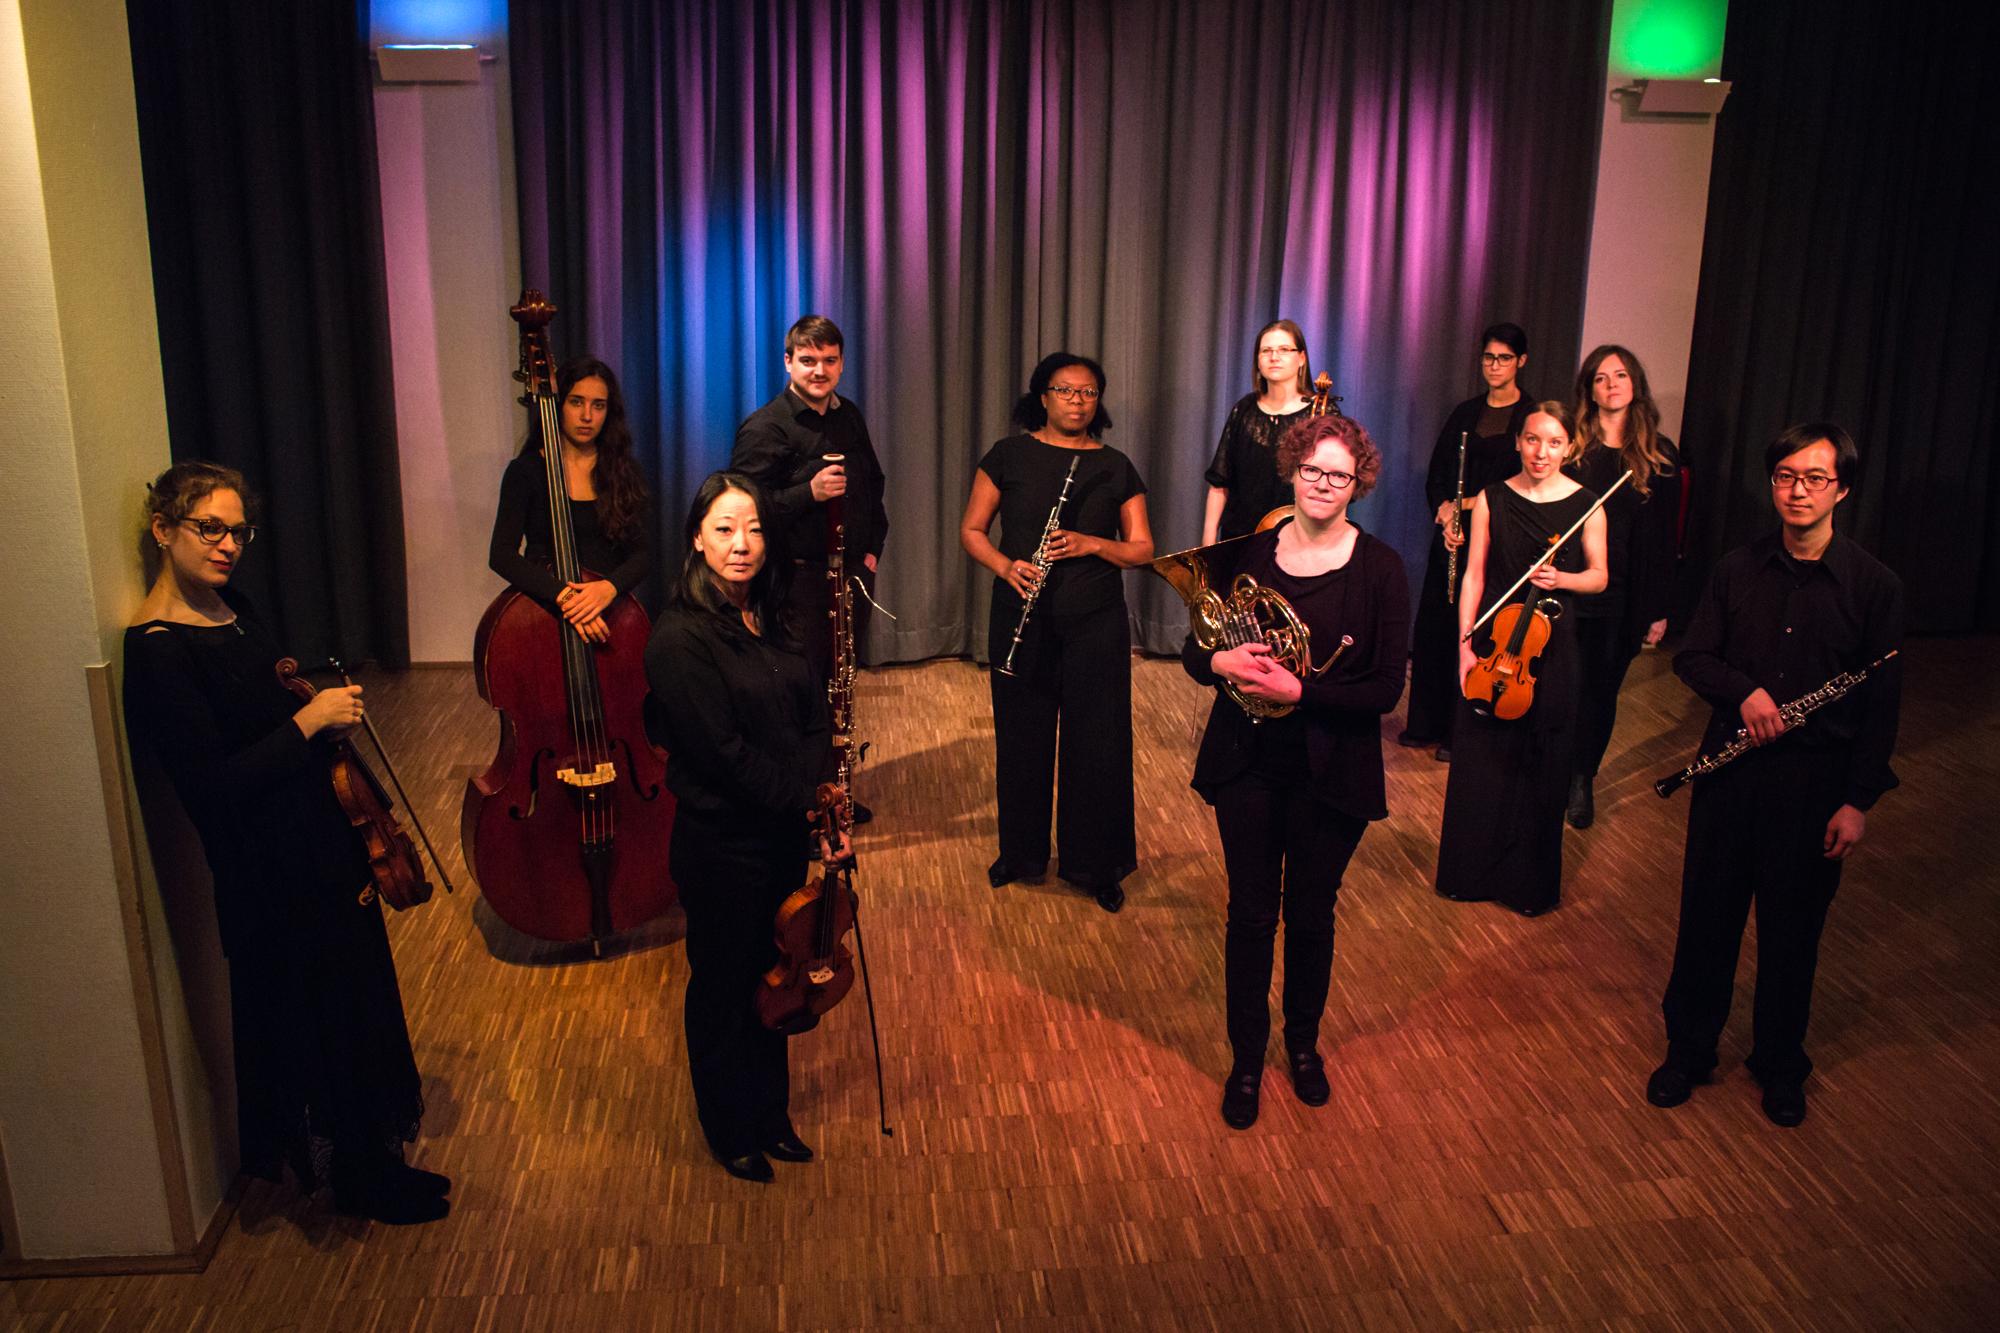 VivazzA Häppchen – Konzert @ Bürgerhaus Bilk, Salzmannbau, Saal im Erdgeschoss